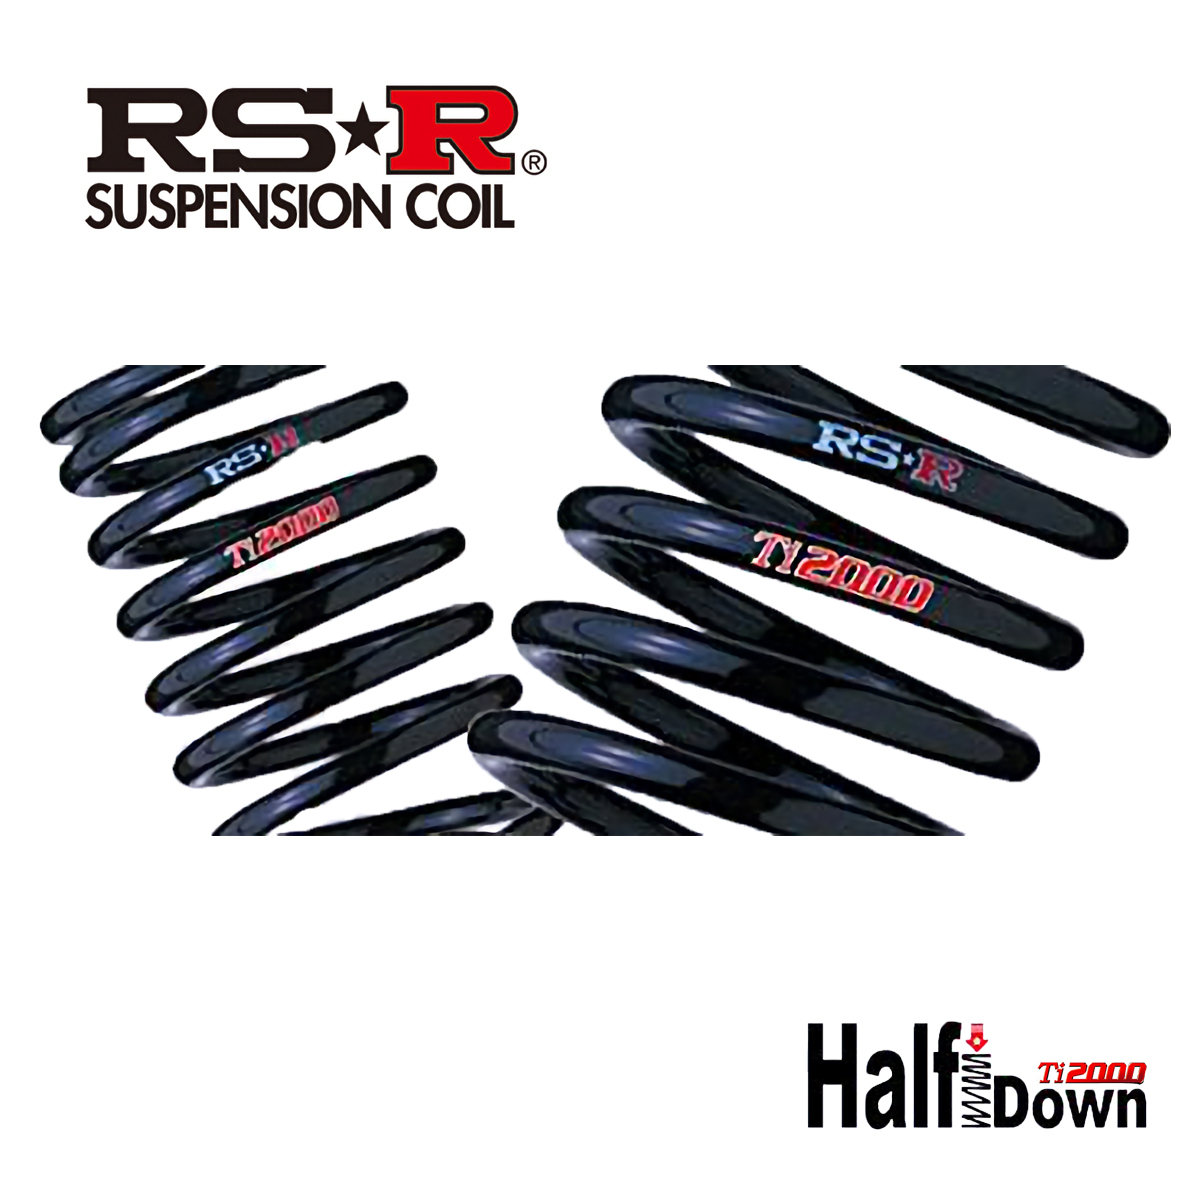 RS-R ムーヴ カスタムX/カスタムRSハイパーSA LA150S ダウンサス スプリング 1台分 D200TD Ti2000 ダウン RSR 個人宅発送追金有